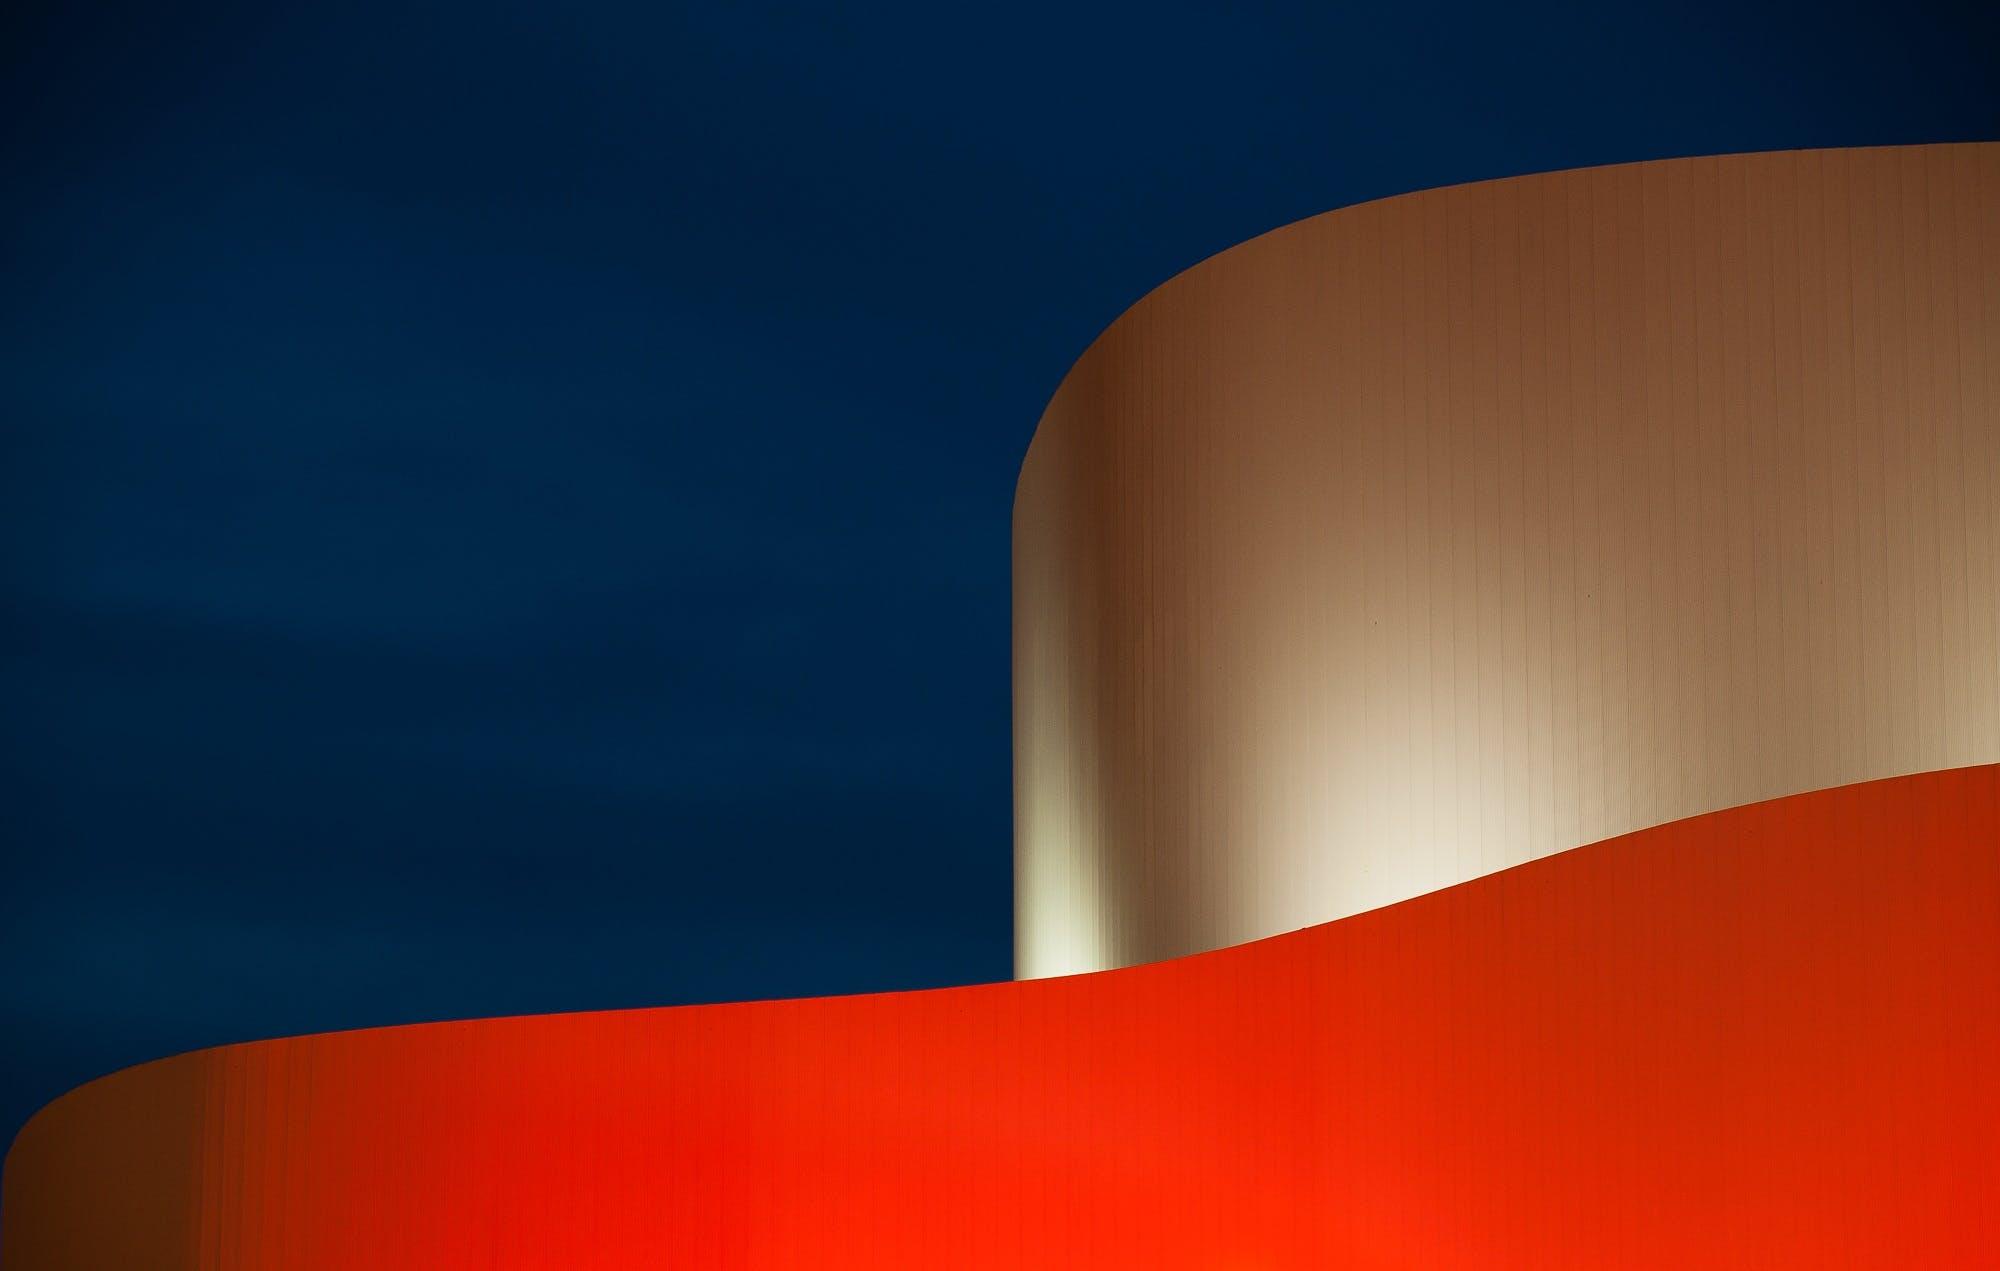 Gratis arkivbilde med arkitektur, design, form, futuristisk